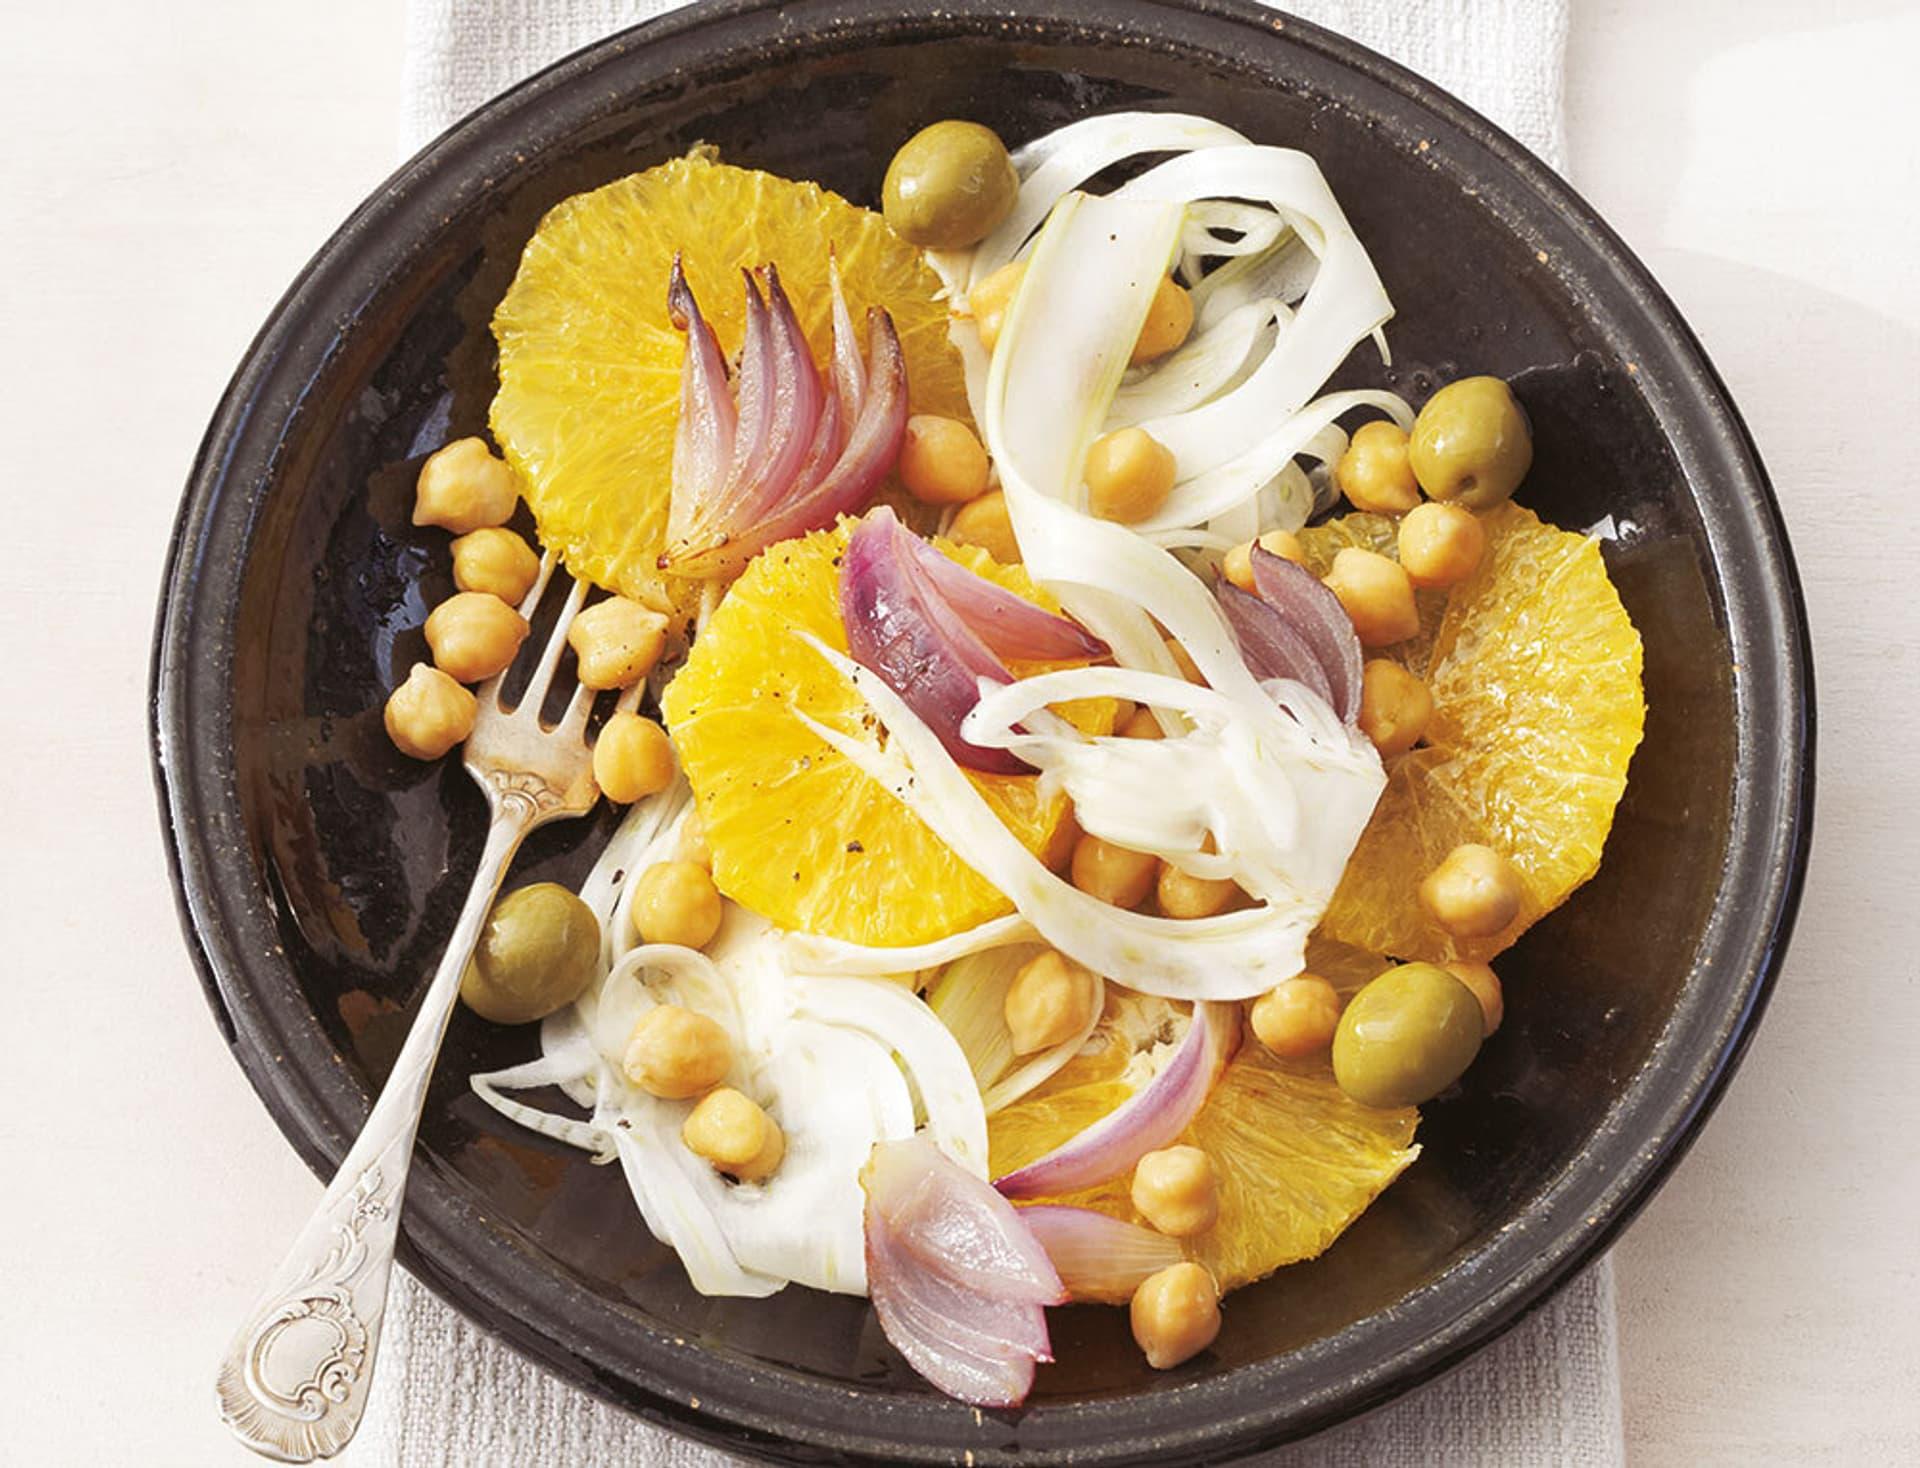 Ein Teller voller Orangen, Kichererbsen und Zwiebeln